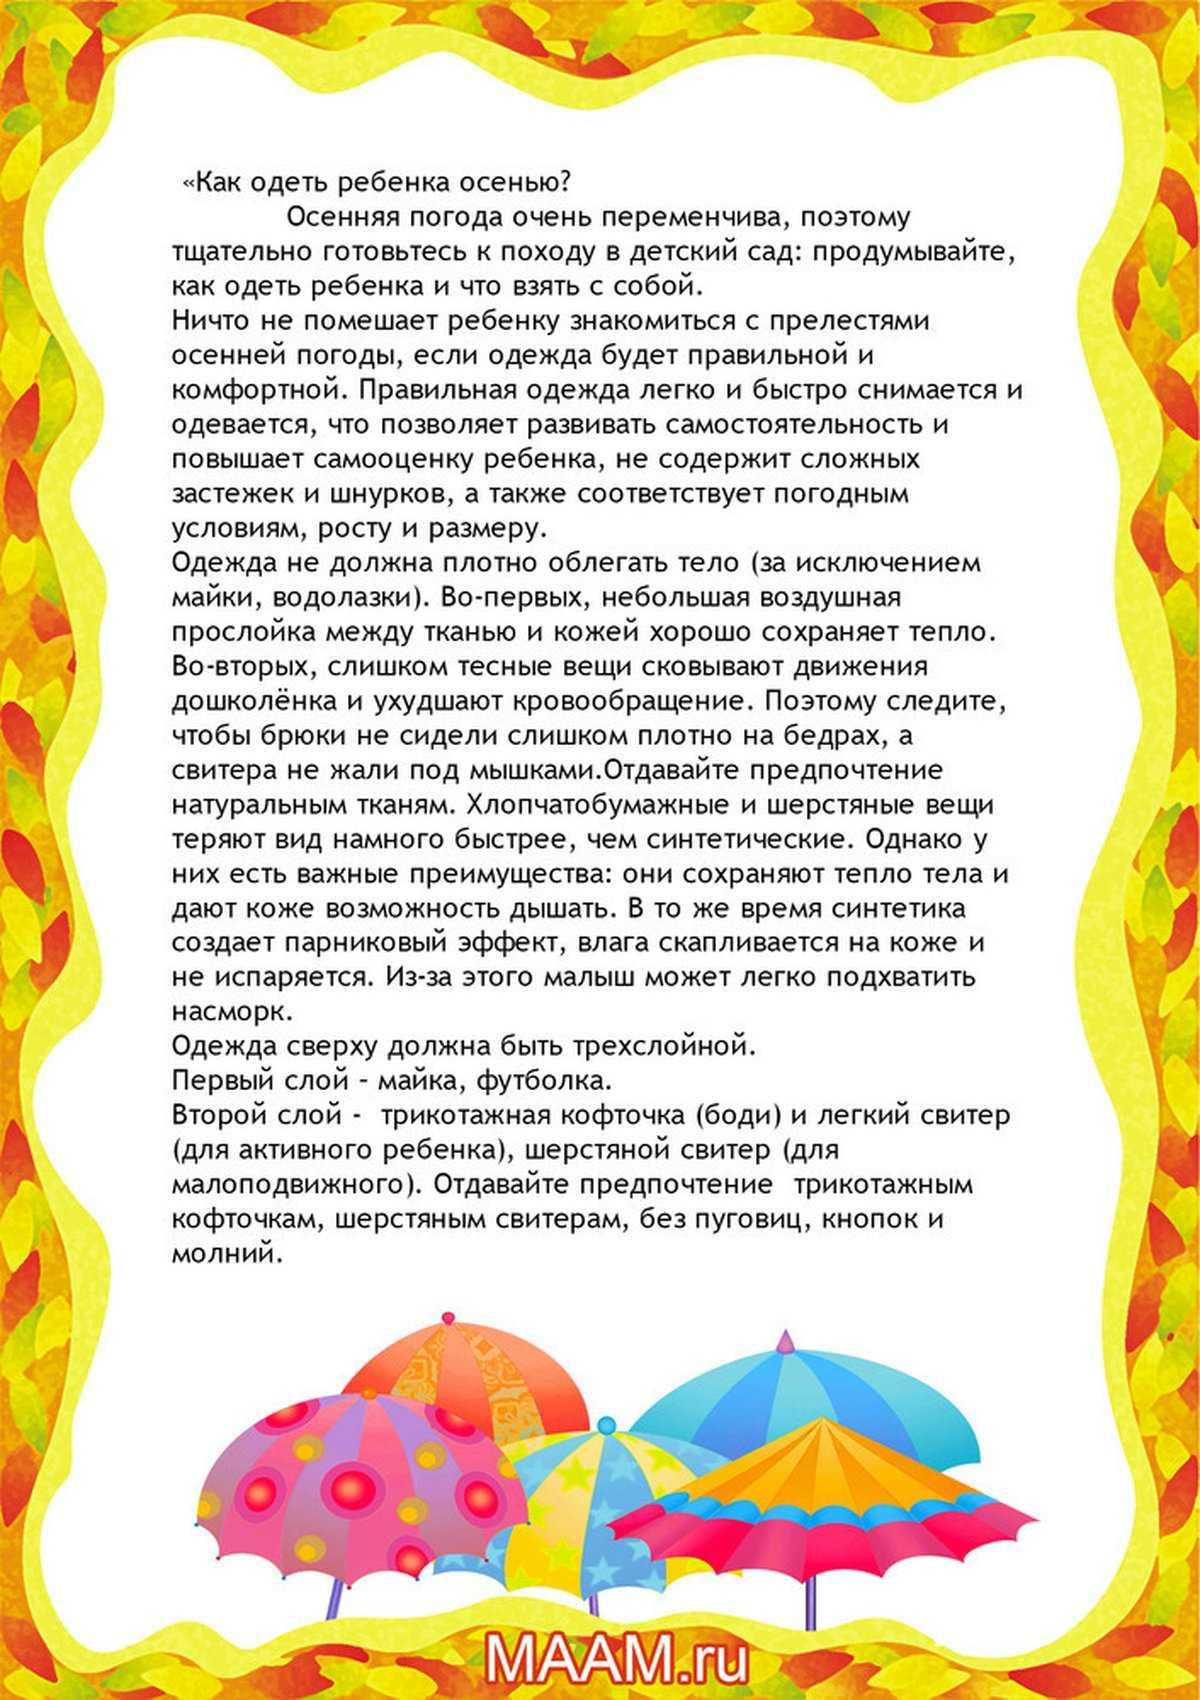 Как правильно одеть новорожденного на прогулку на улице по погоде зимой, весной, летом или осенью | lisa.ru